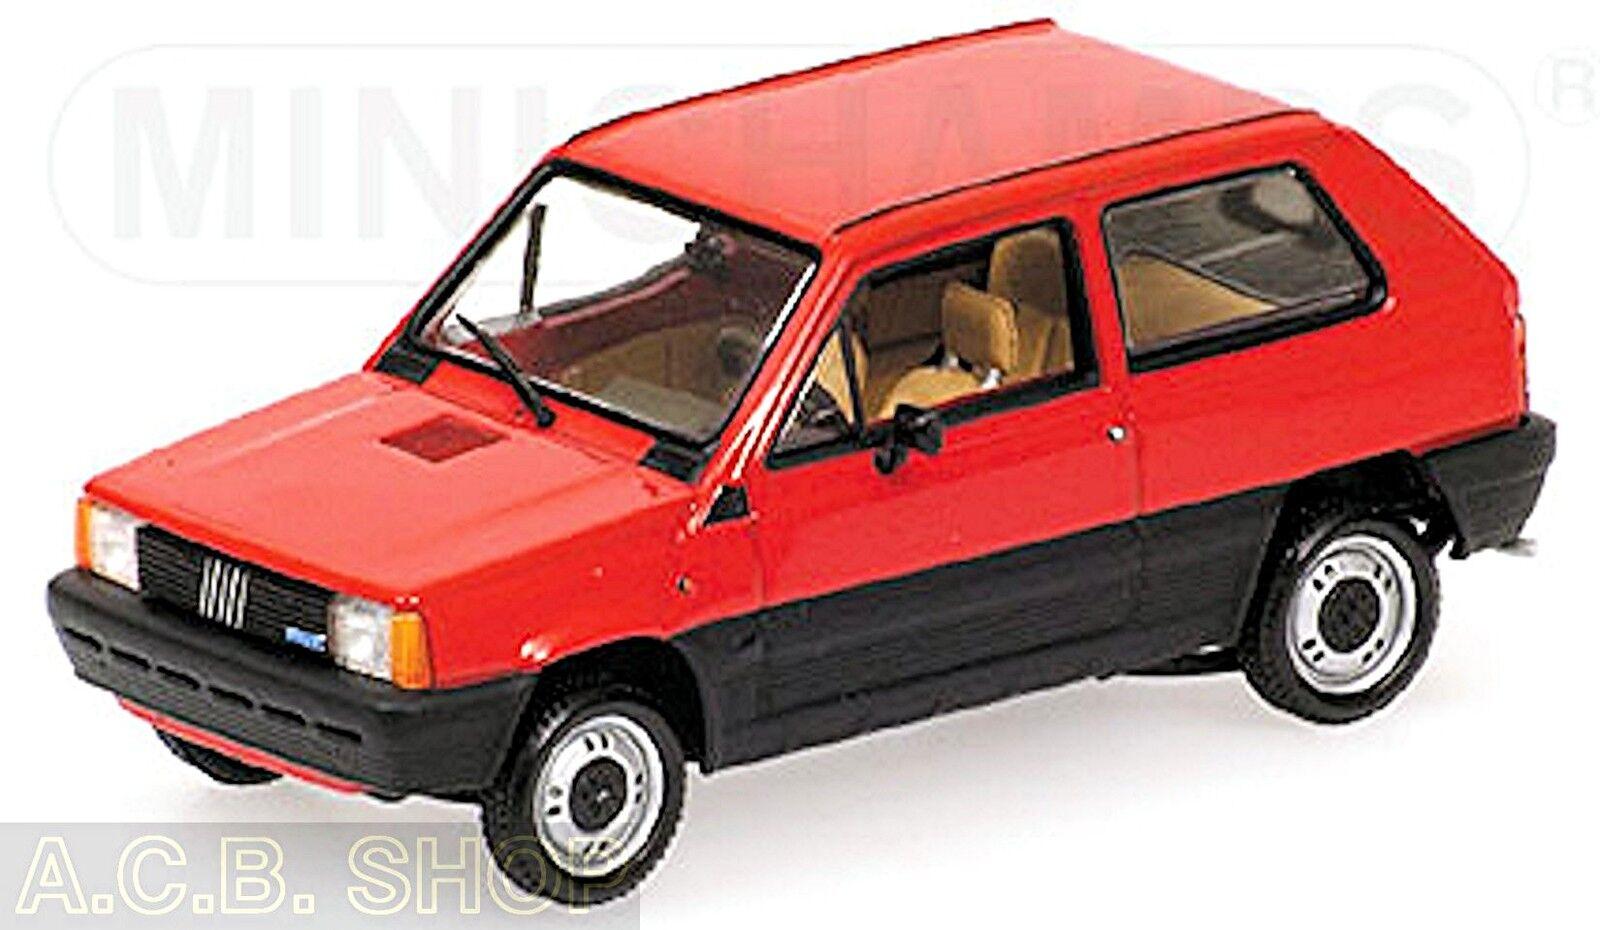 centro comercial de moda Fiat Panda Panda Panda 45-1980-2003 Rojo rojo 1 43 Minichamps  Obtén lo ultimo